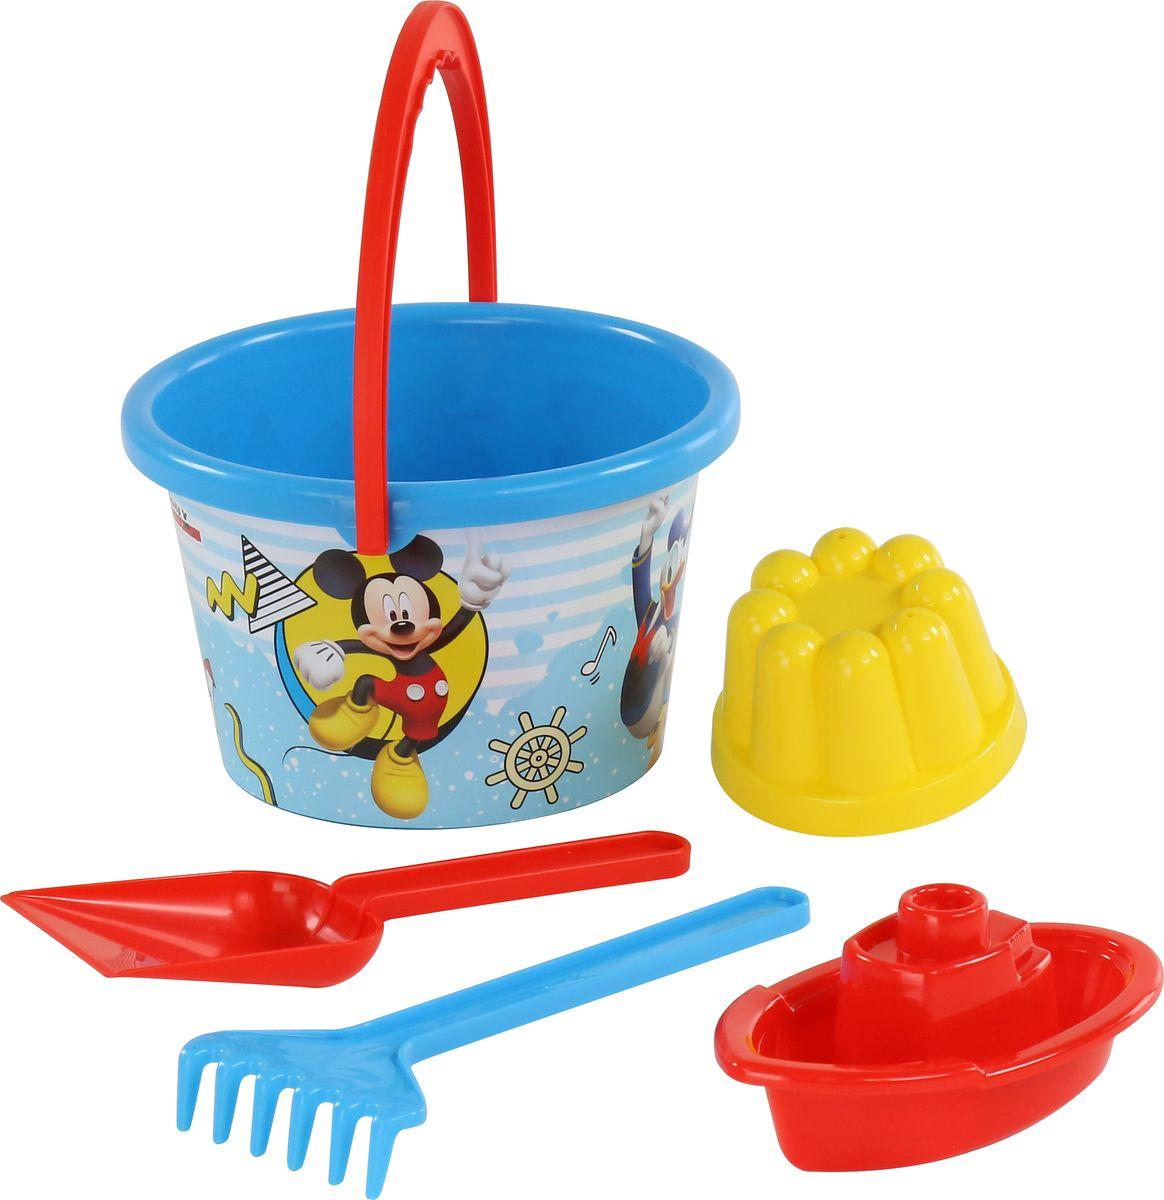 Disney Набор игрушек для песочницы Микки и Веселые гонки №7 игра настольная веселые гонки и божьи коровки